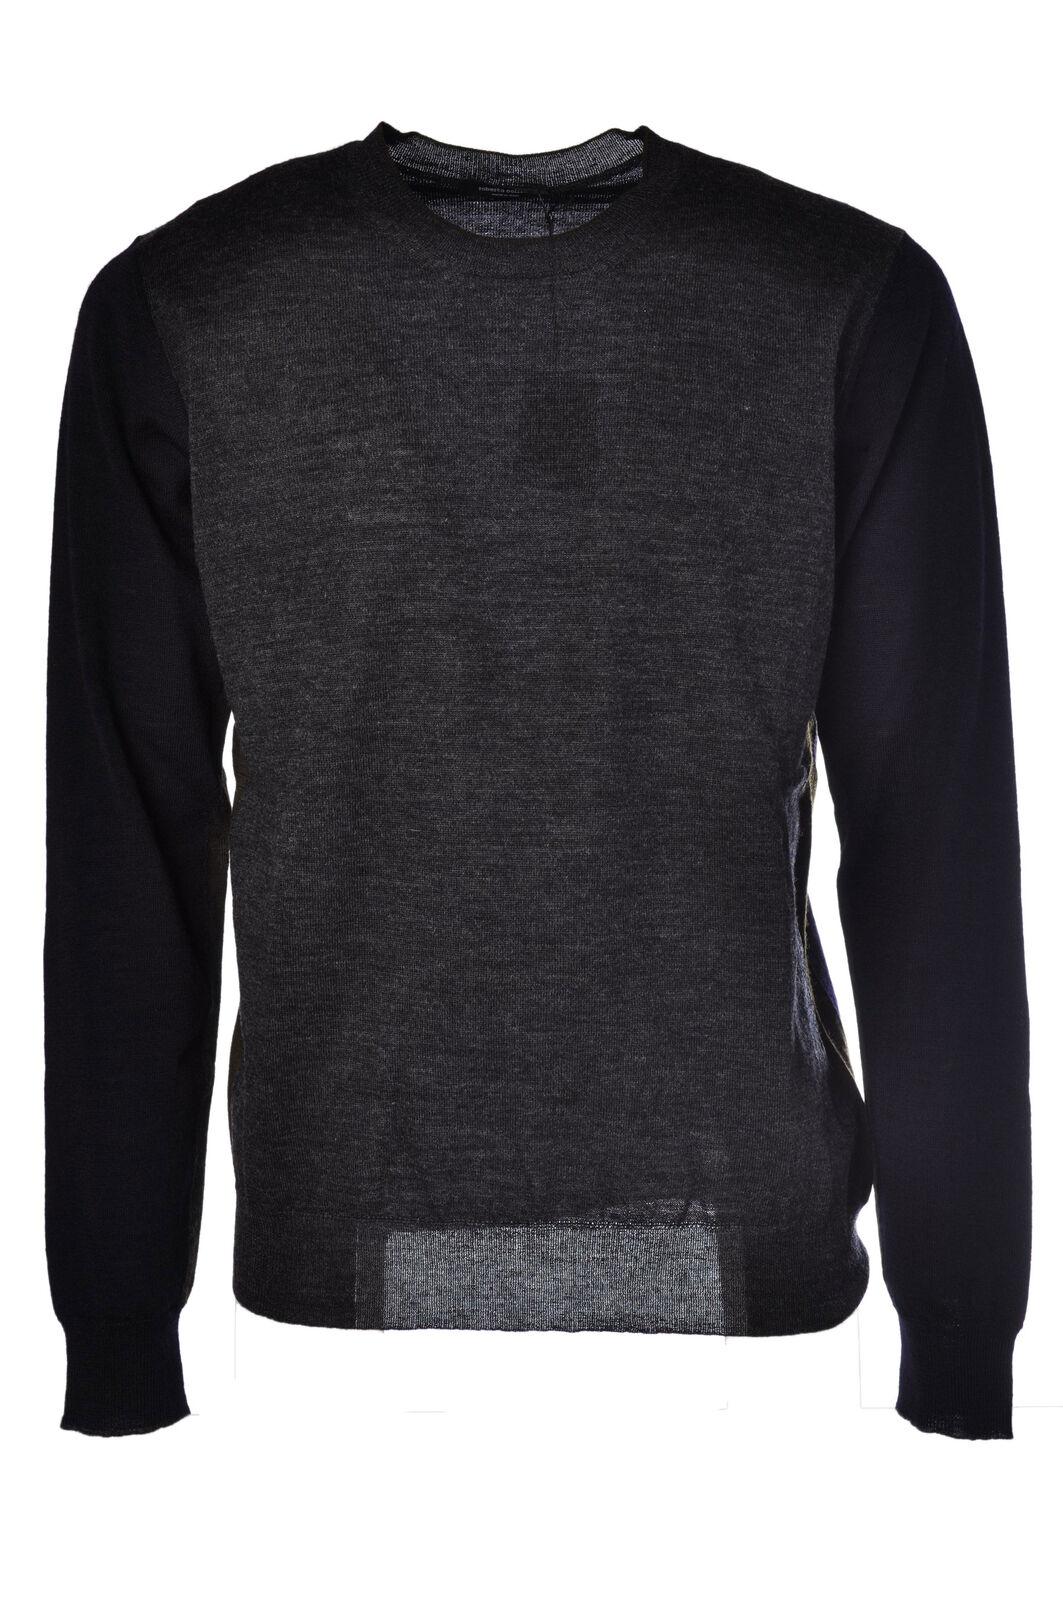 Roberto Collina - Knitwear-Sweaters - Man - Grau - 473811M184405